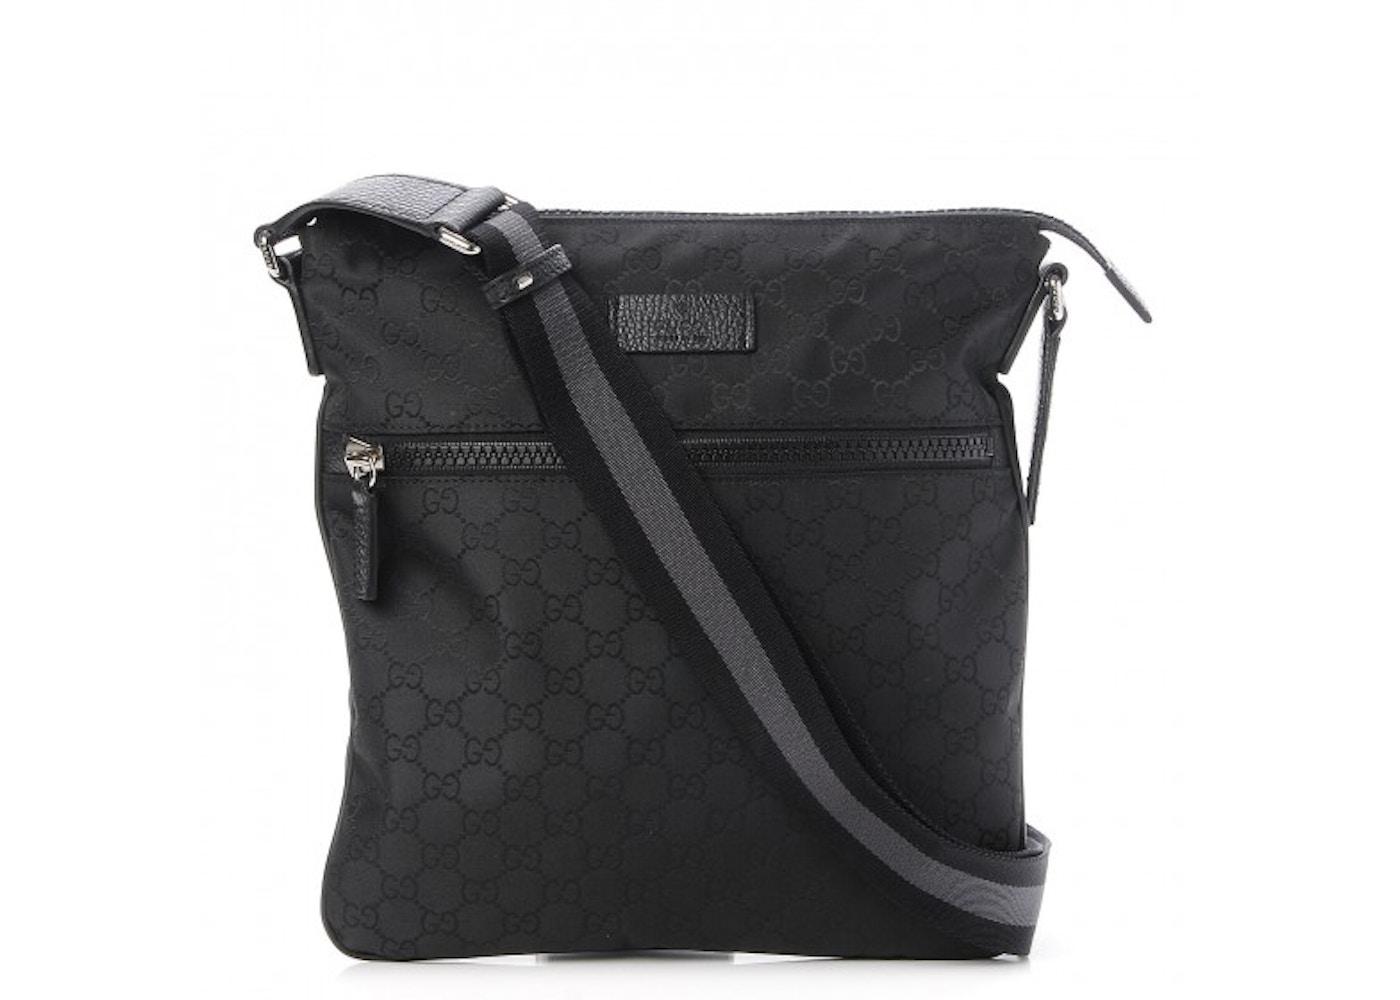 53919f3dbc3 Buy   Sell Gucci Luxury Handbags